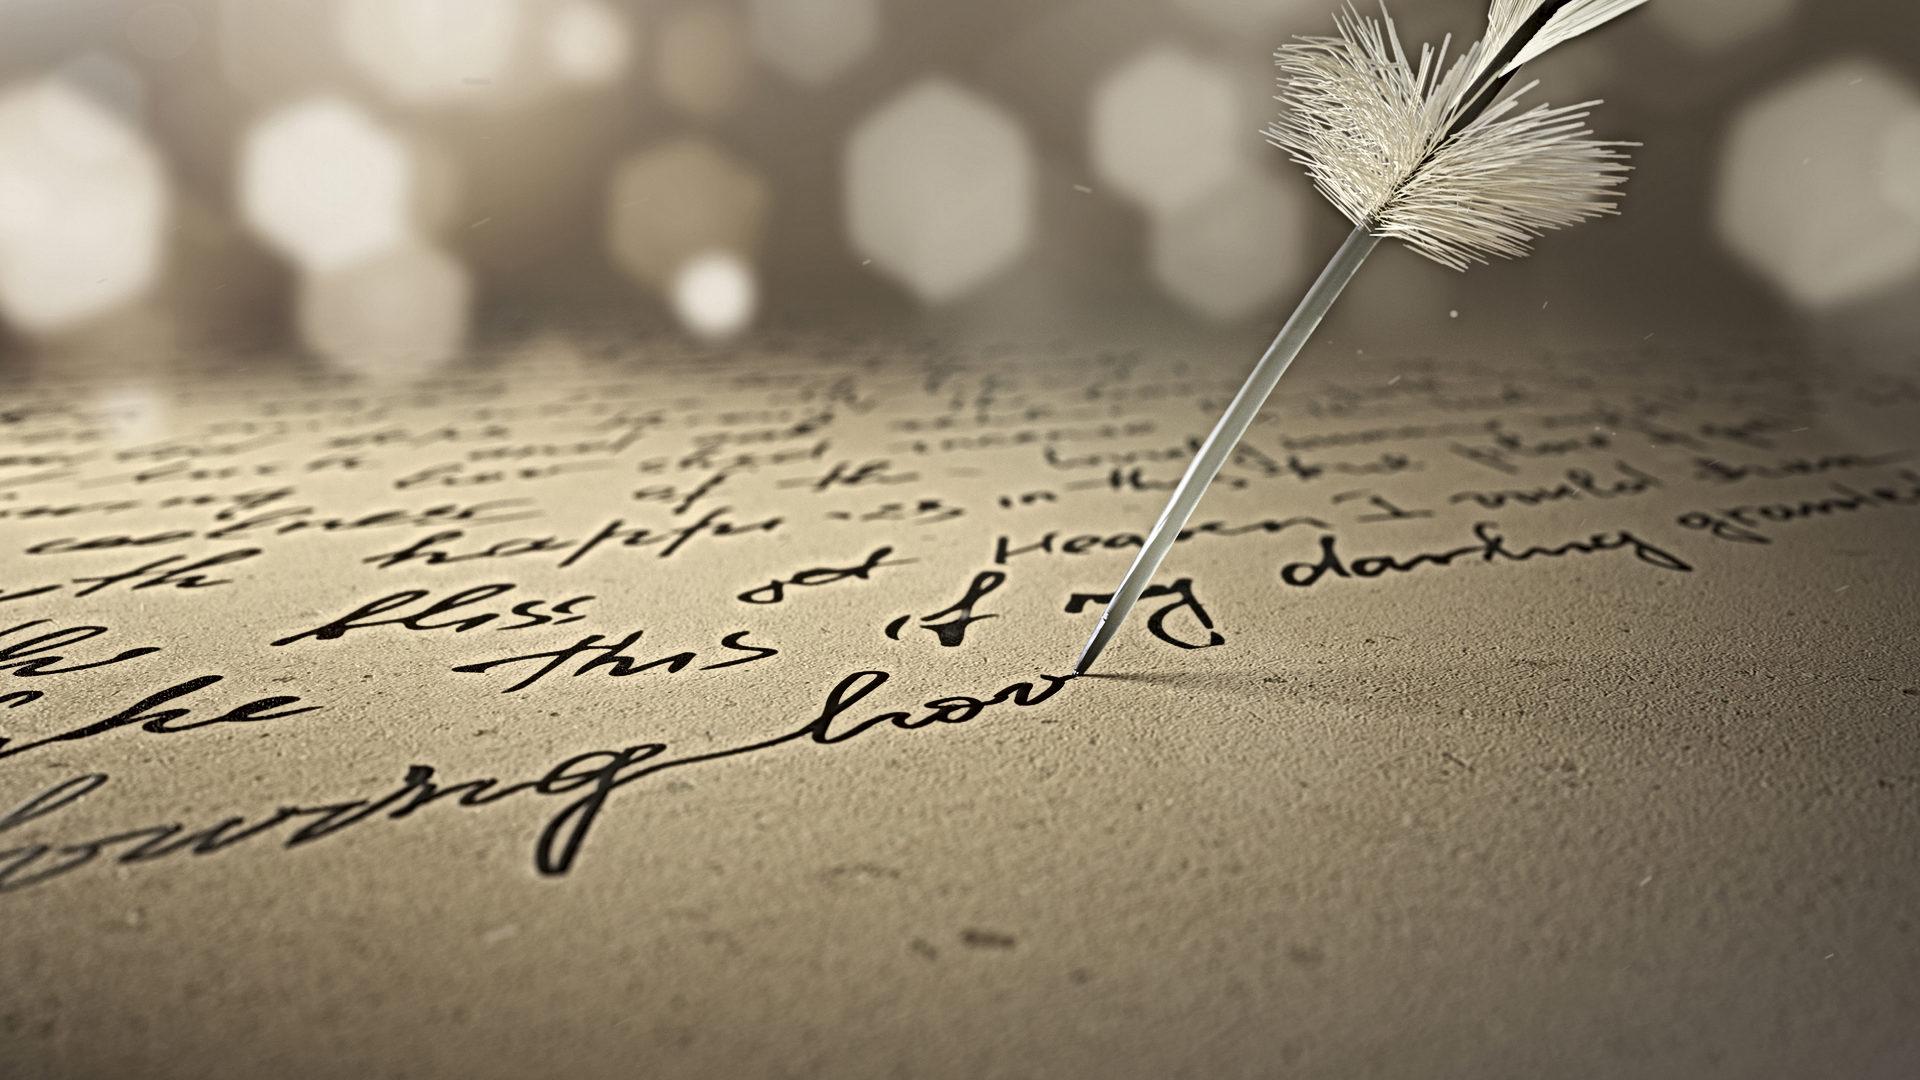 3d-render-ink-pen-writes-poetry-old-pape